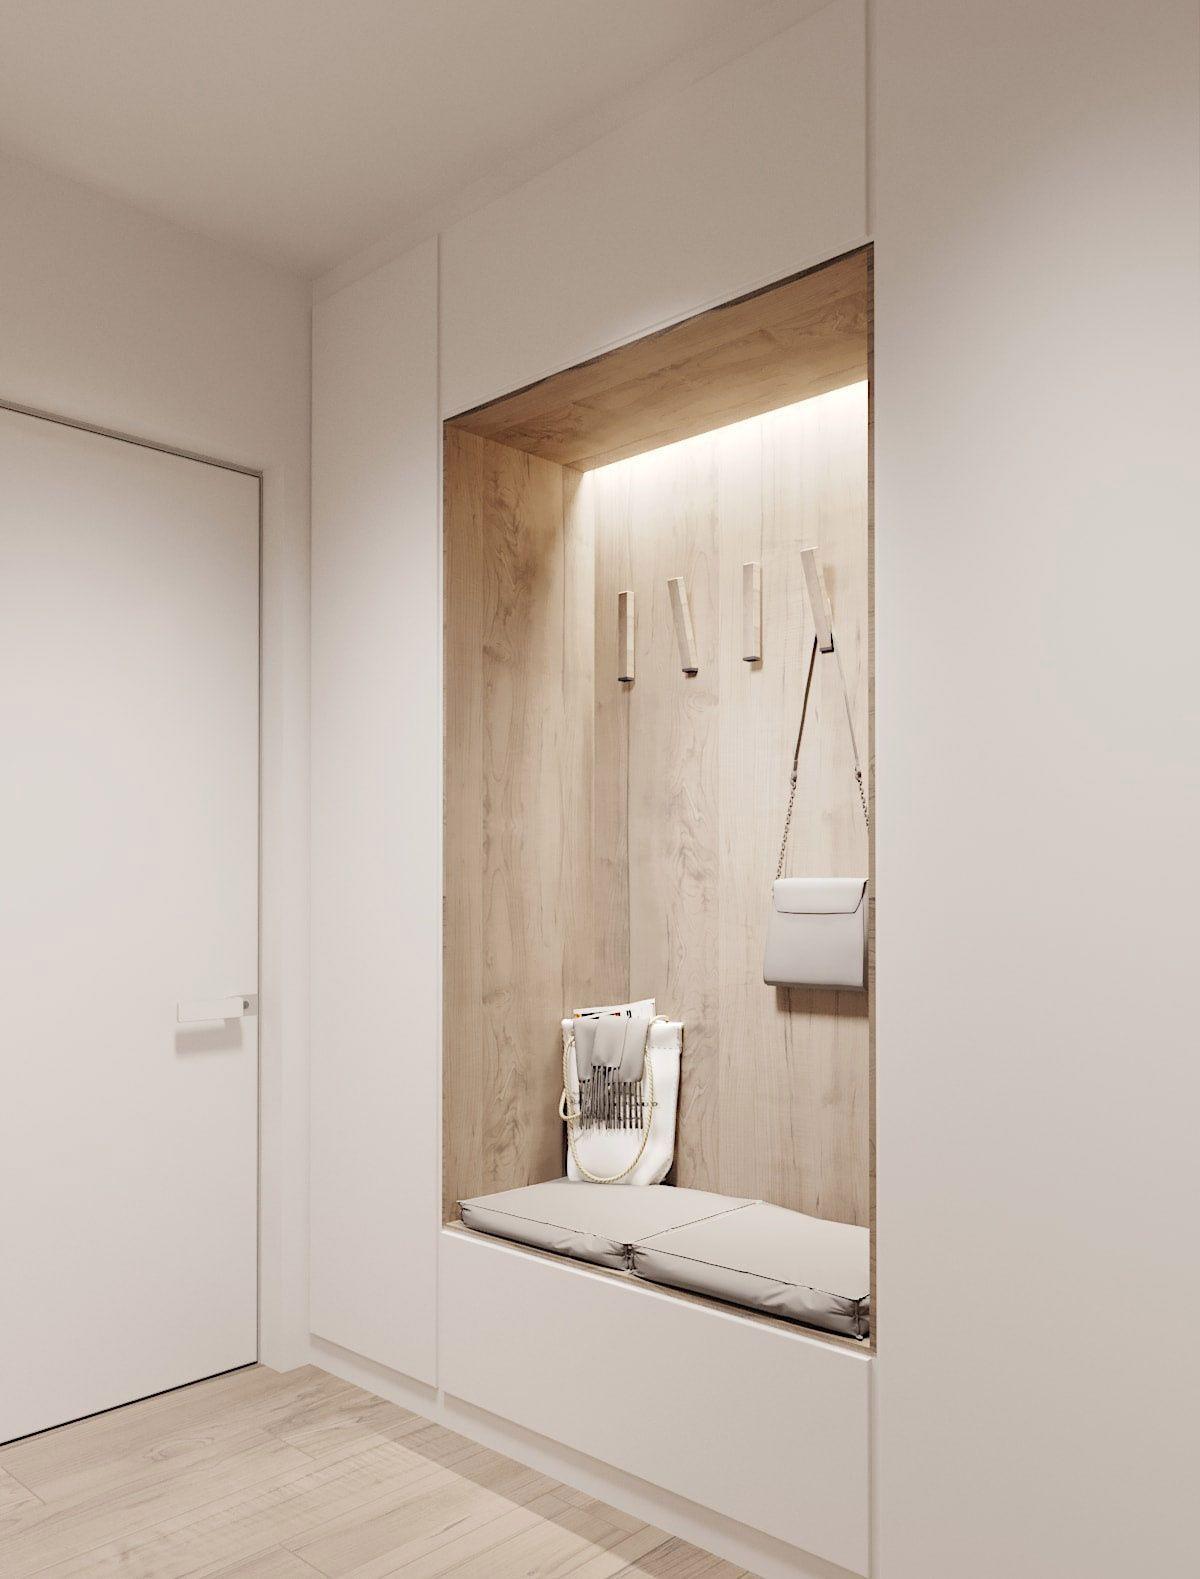 Idee Deco Couloir Moderne home decor - petite, precious & pastel home interior | idée